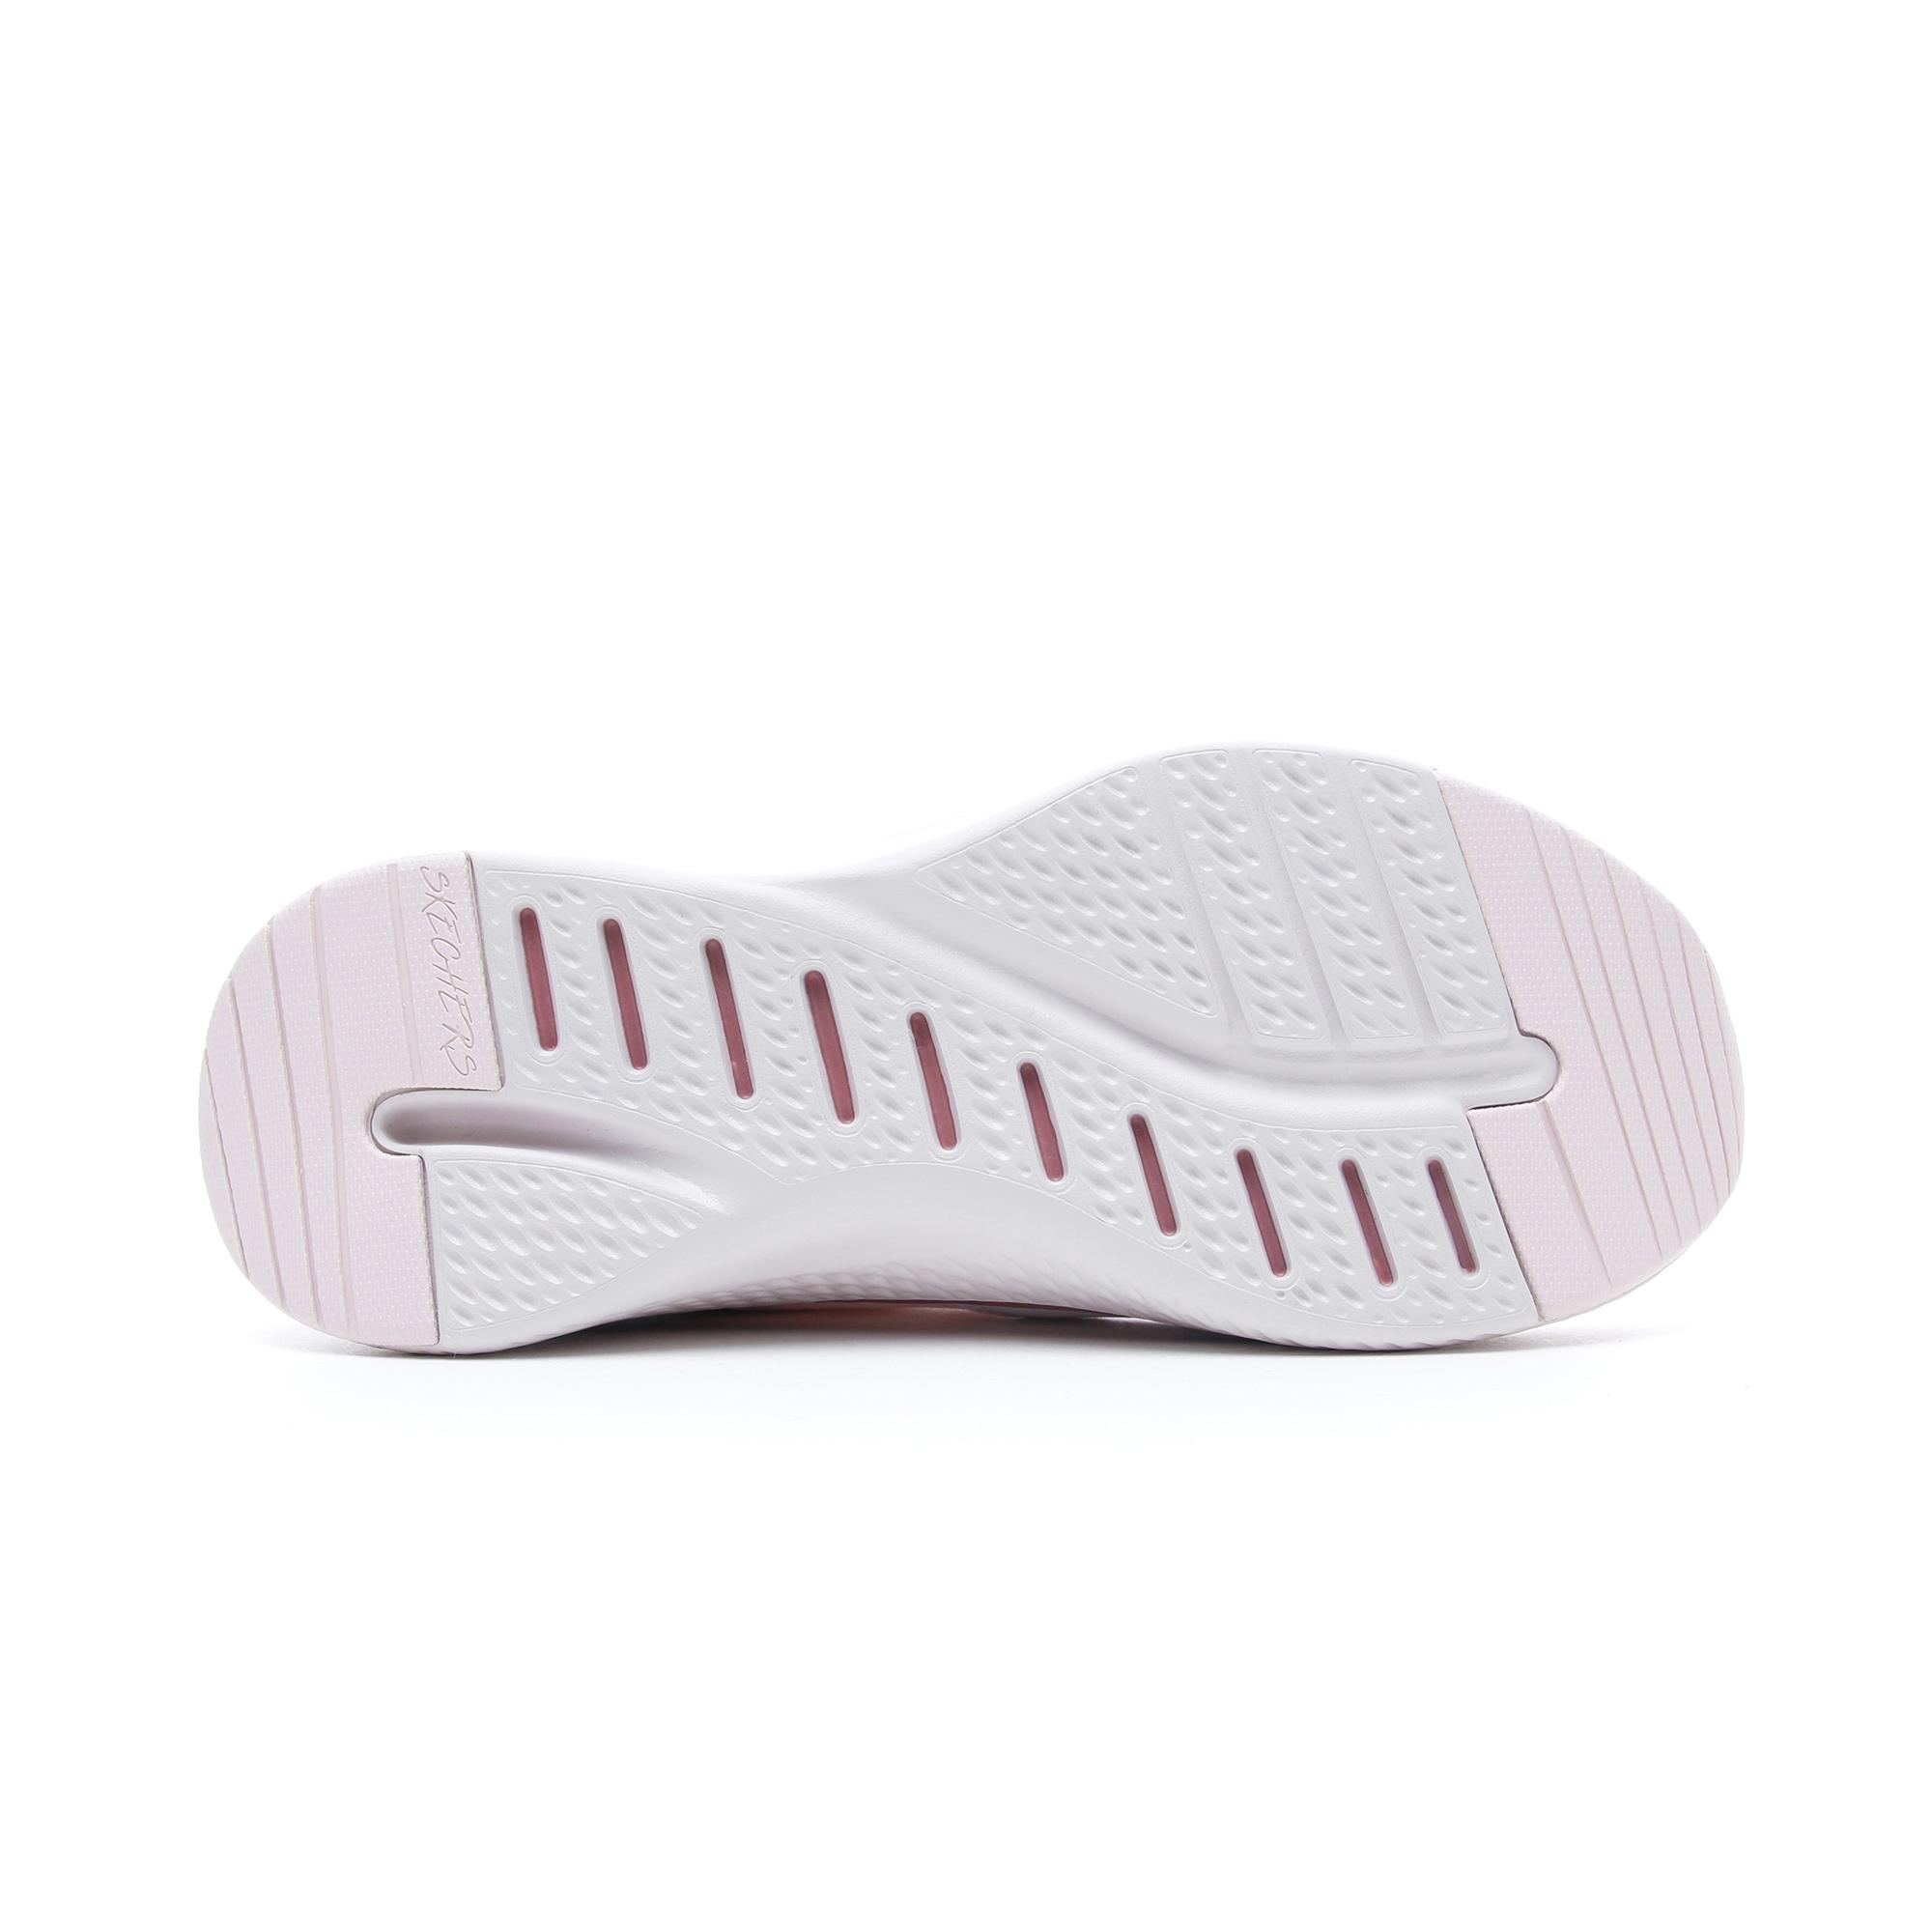 Skechers Solar Fuse Pembe Kadın Spor Ayakkabı